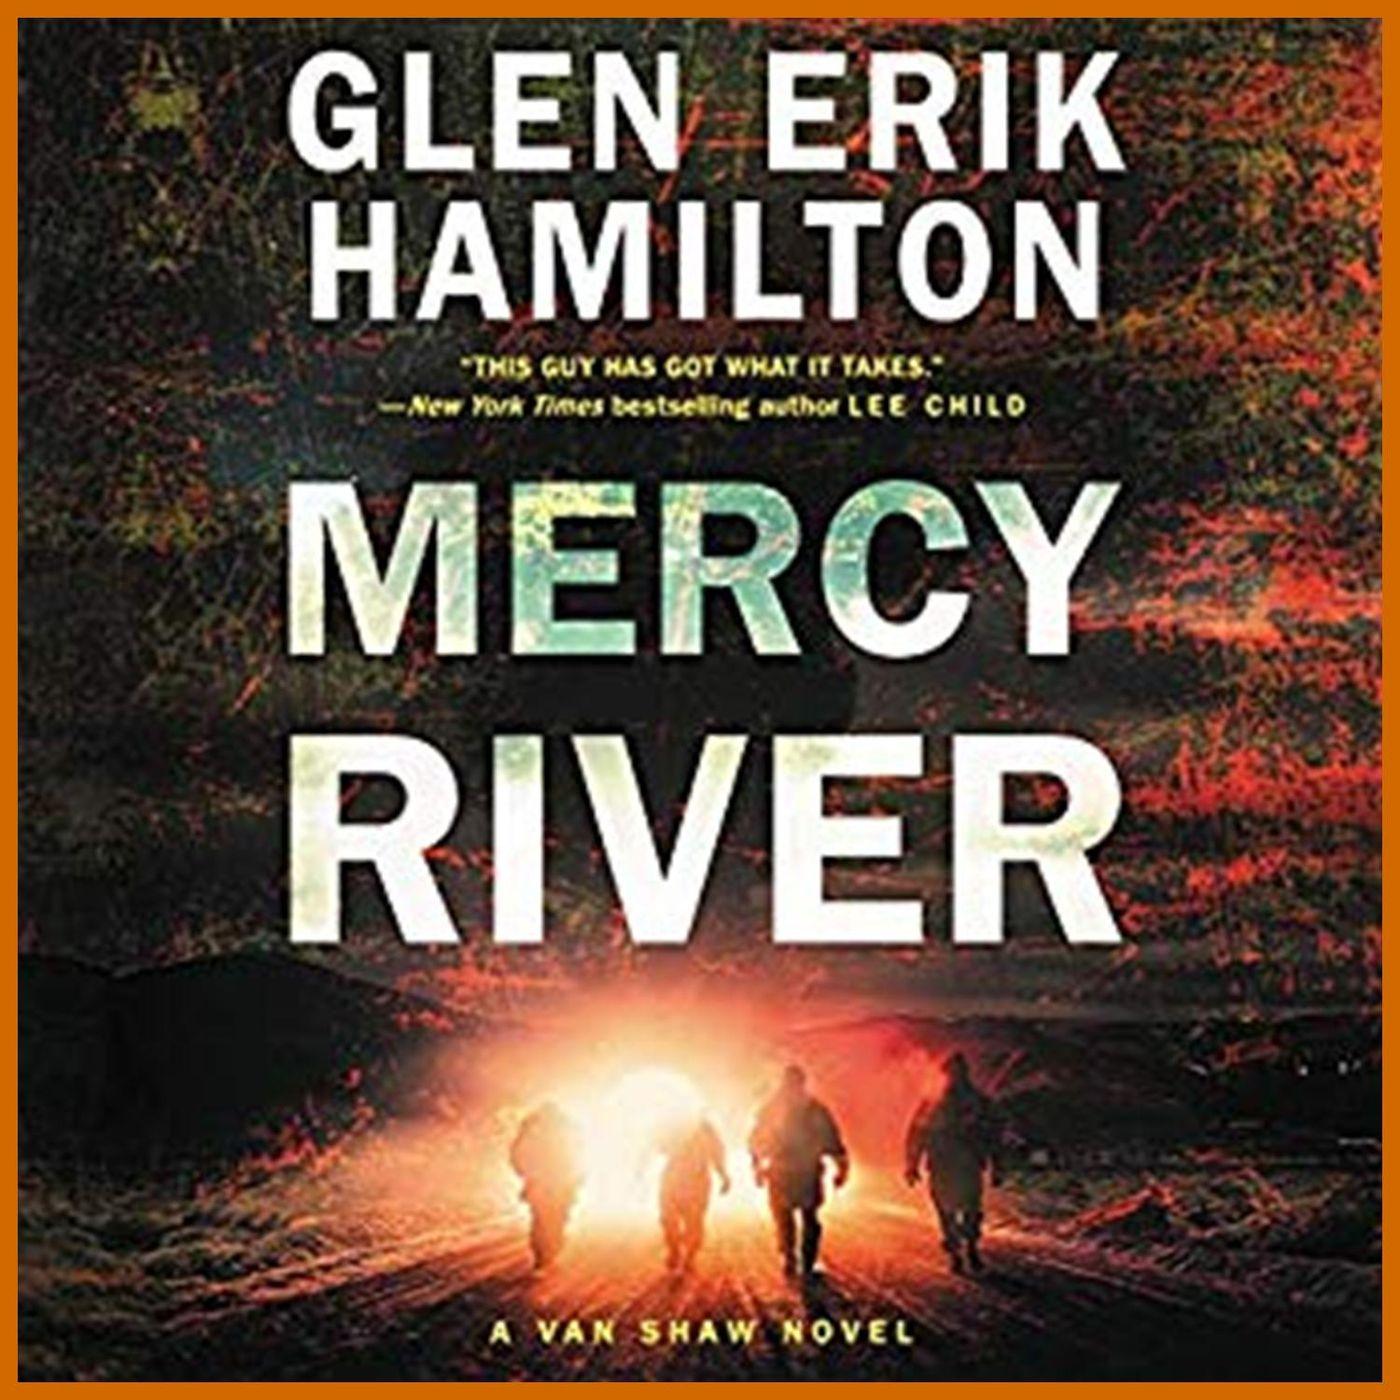 GLEN ERIK HAMILTON - Mercy River